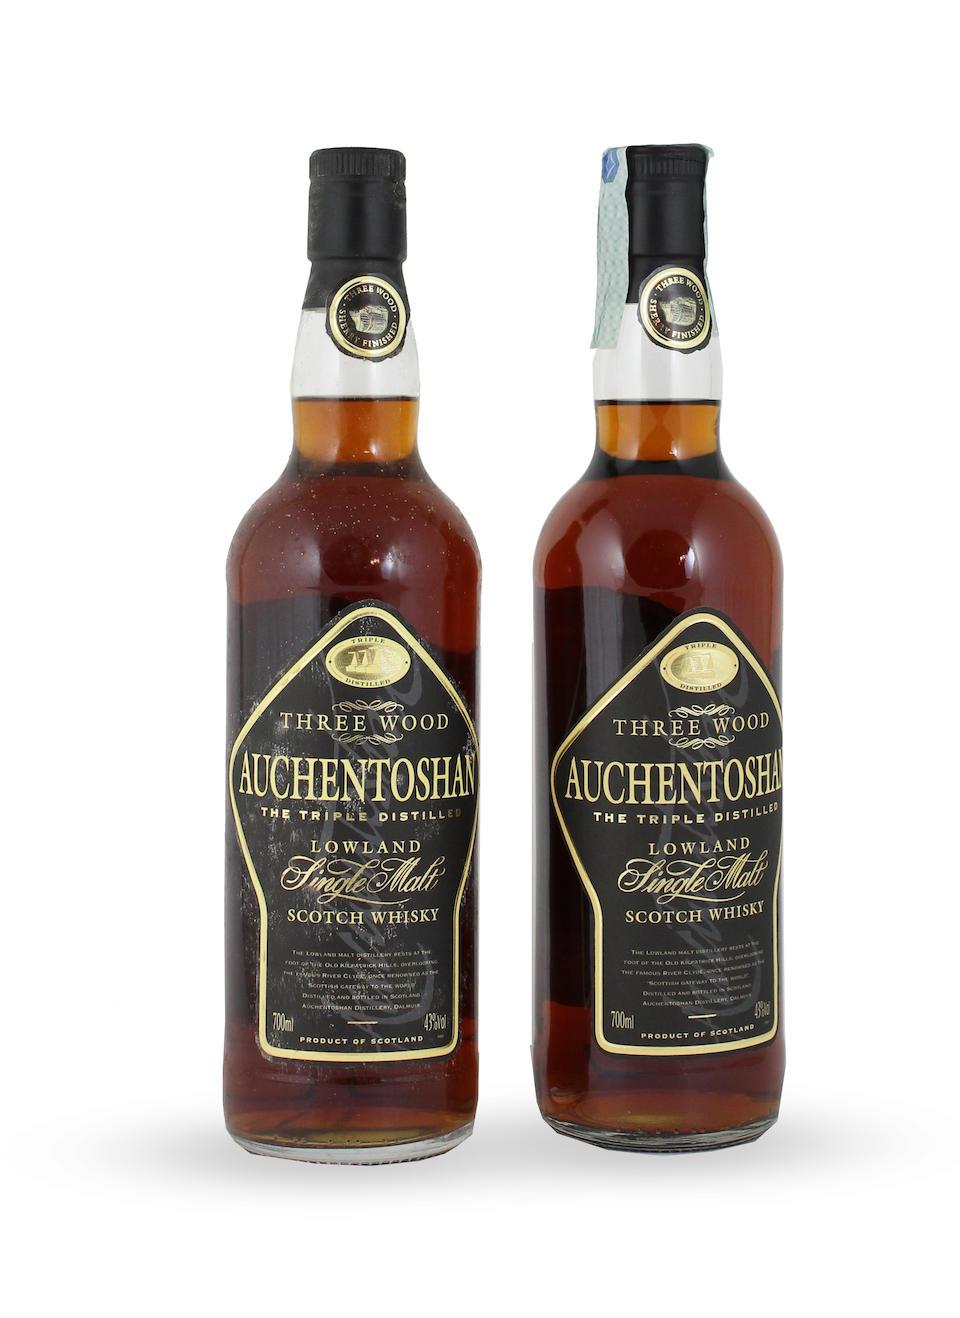 Auchentoshan-21 year old Auchentoshan-10 year old Auchentoshan Three Wood (3)  Glen Deveron-12 year old-1979 (4)